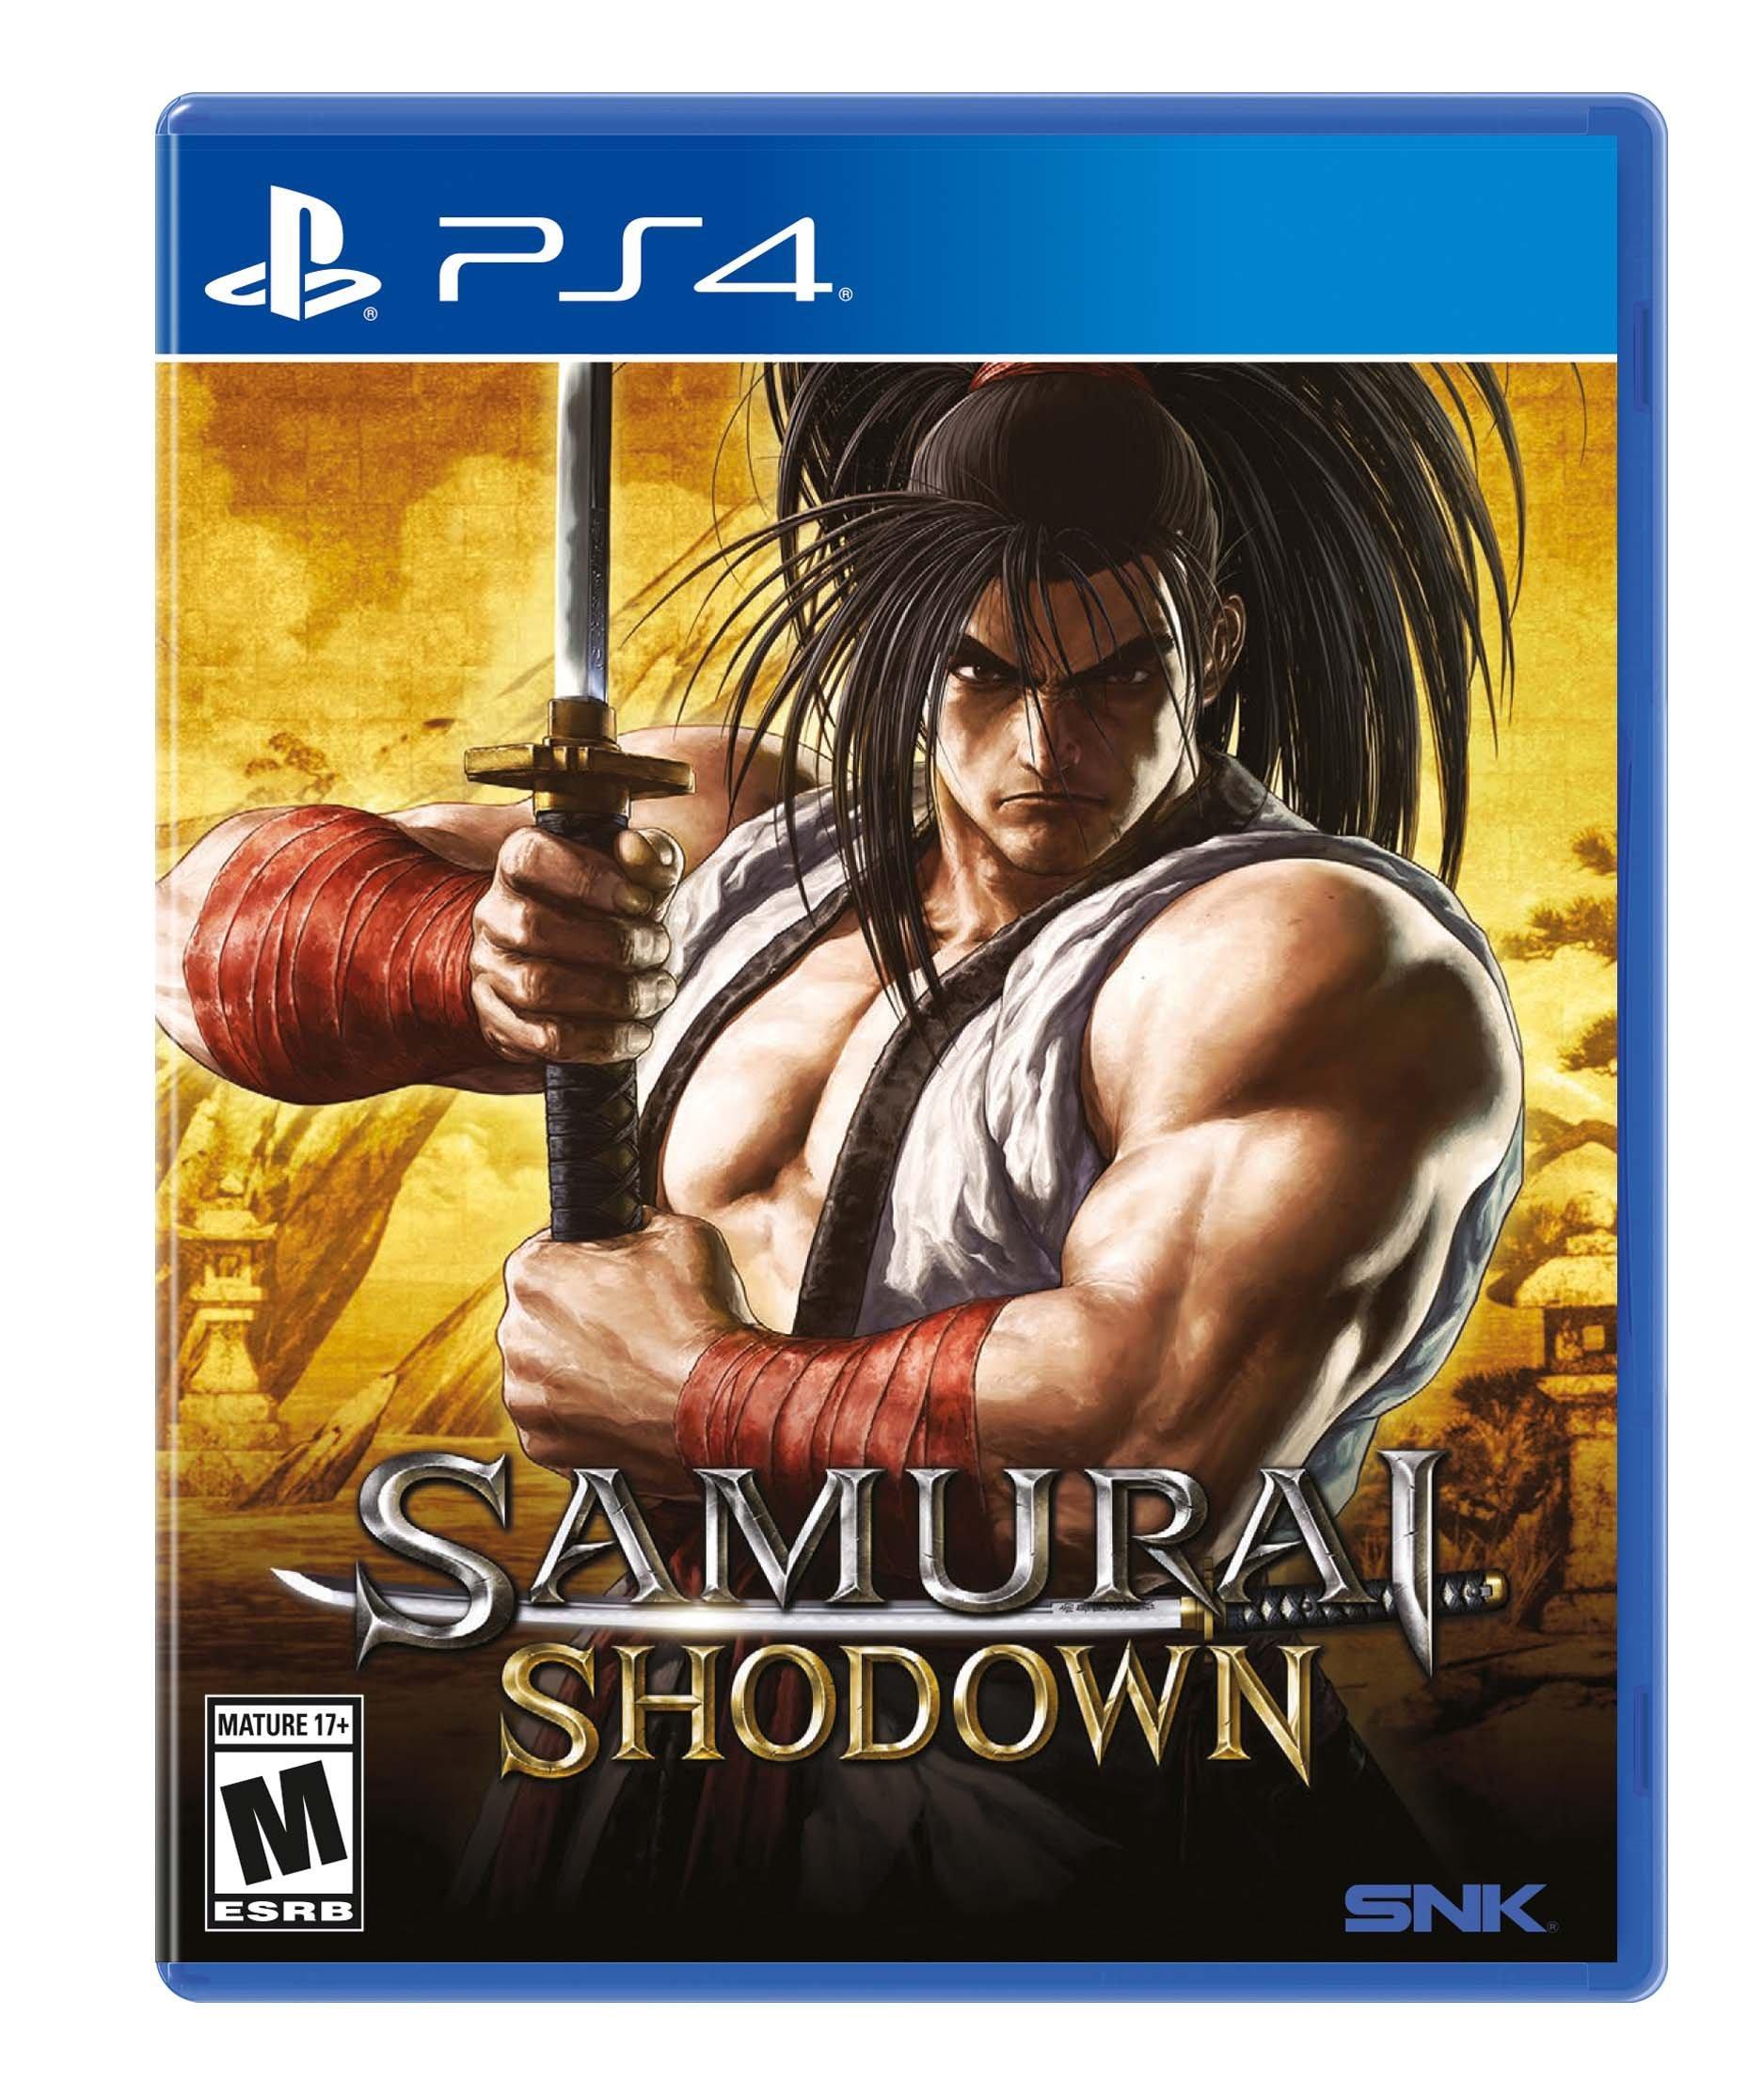 Samurai Showdown (PS4) $12.99 Used (or New YMMV) at Gamestop